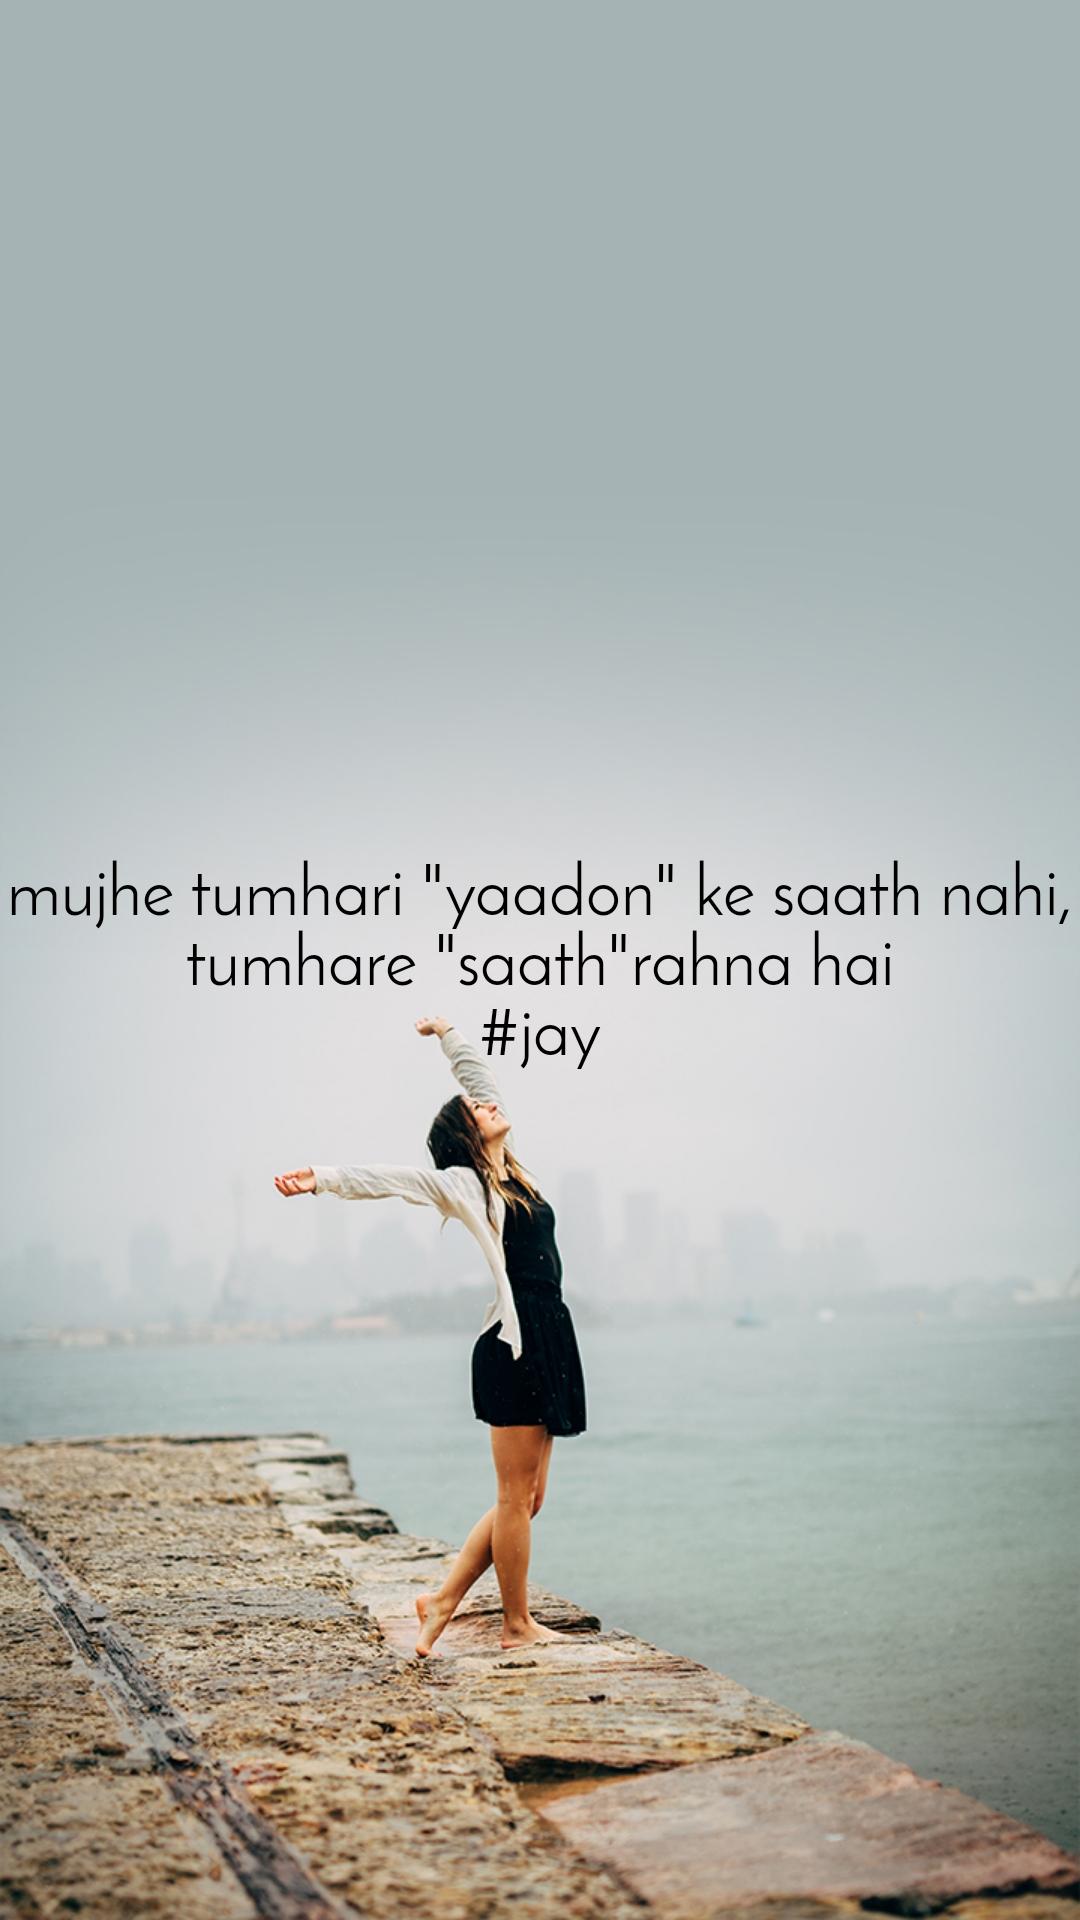 """mujhe tumhari """"yaadon"""" ke saath nahi, tumhare """"saath""""rahna hai #jay"""